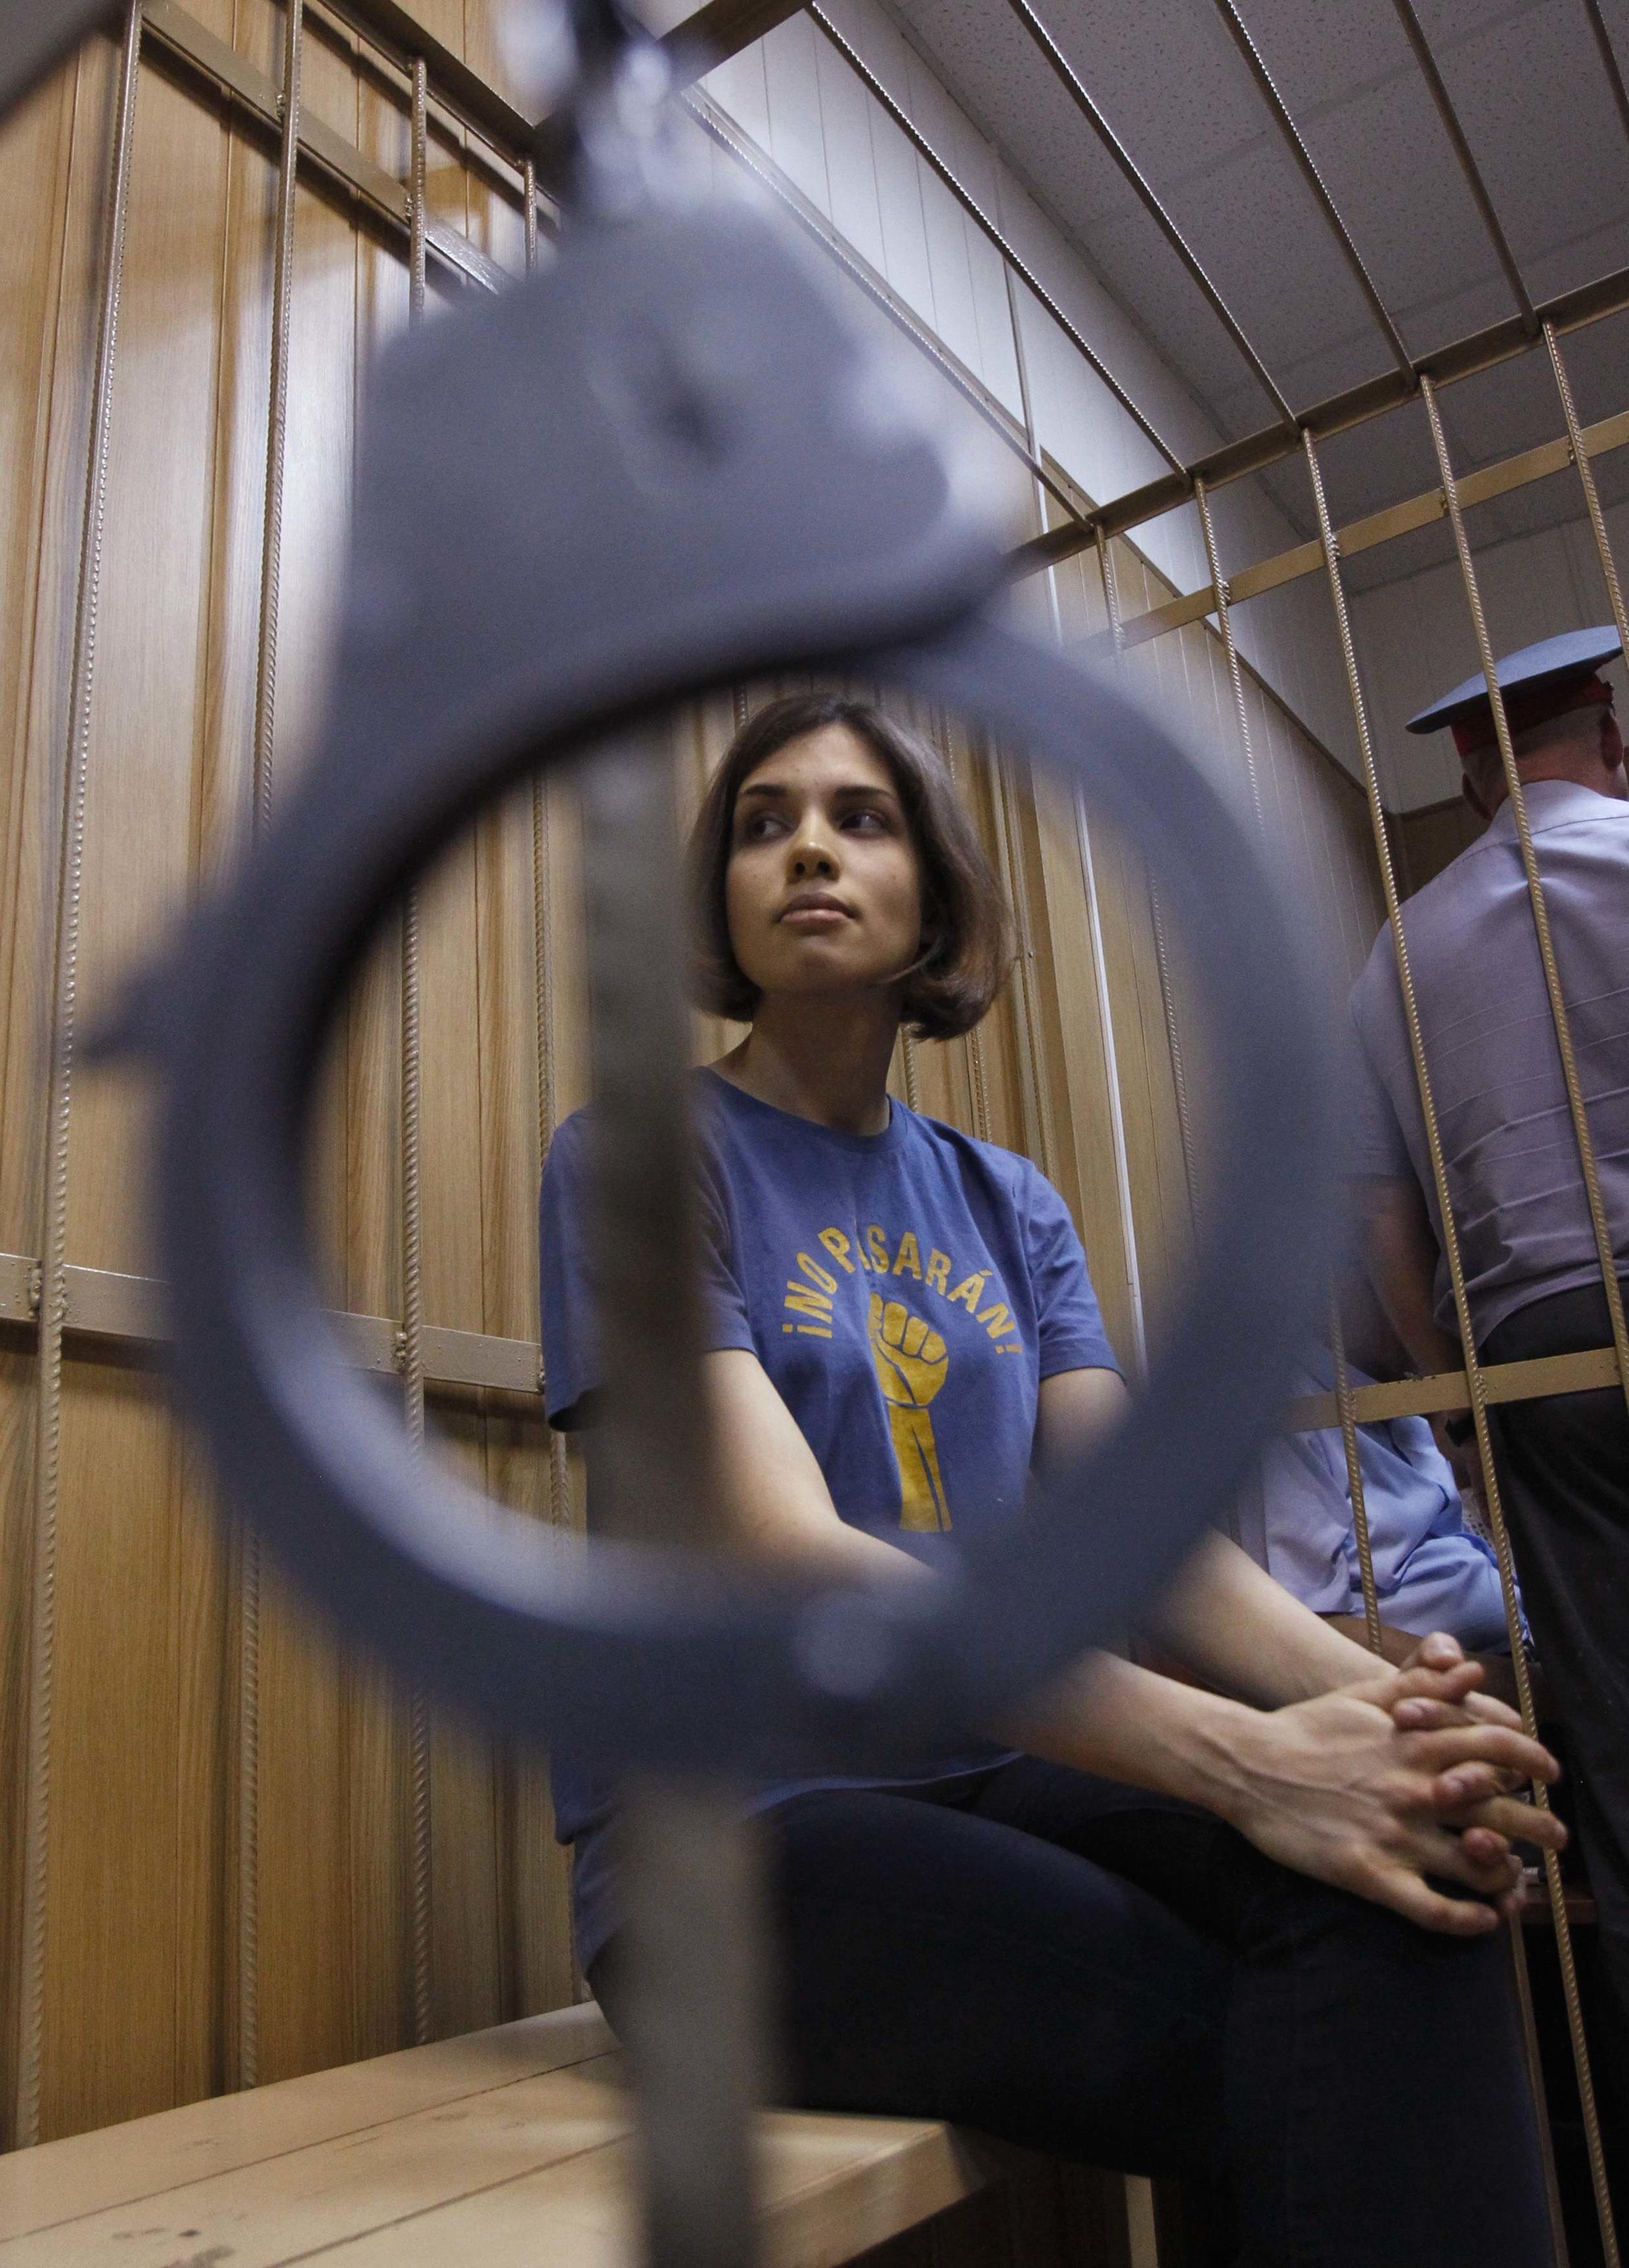 Надежда Толоконникова, участница панк-группы Pussy Riot, на заседании суда 4 июля 2012 г.